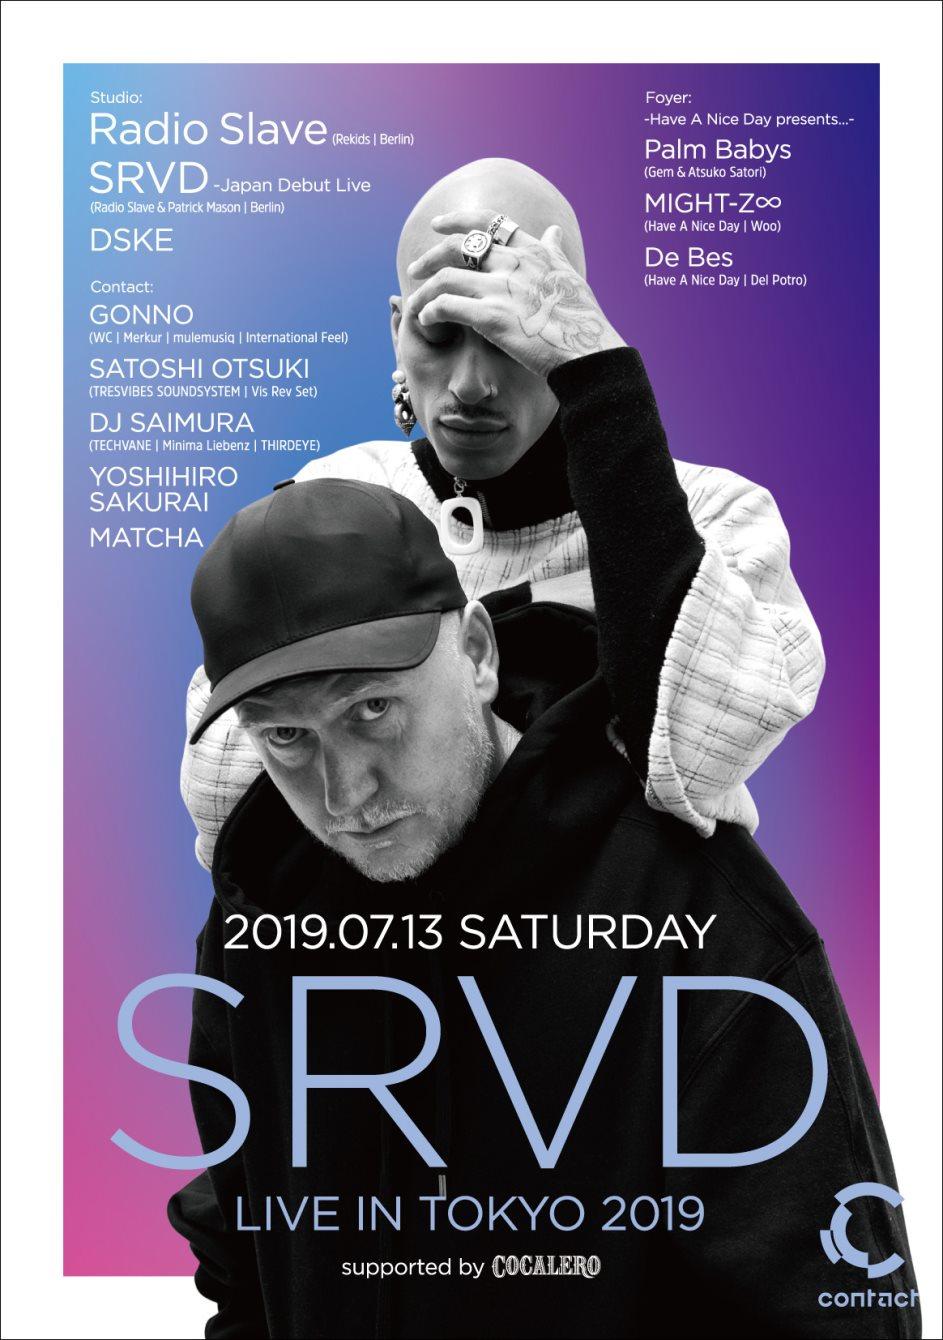 Srvd Live in Tokyo 2019 - Flyer front